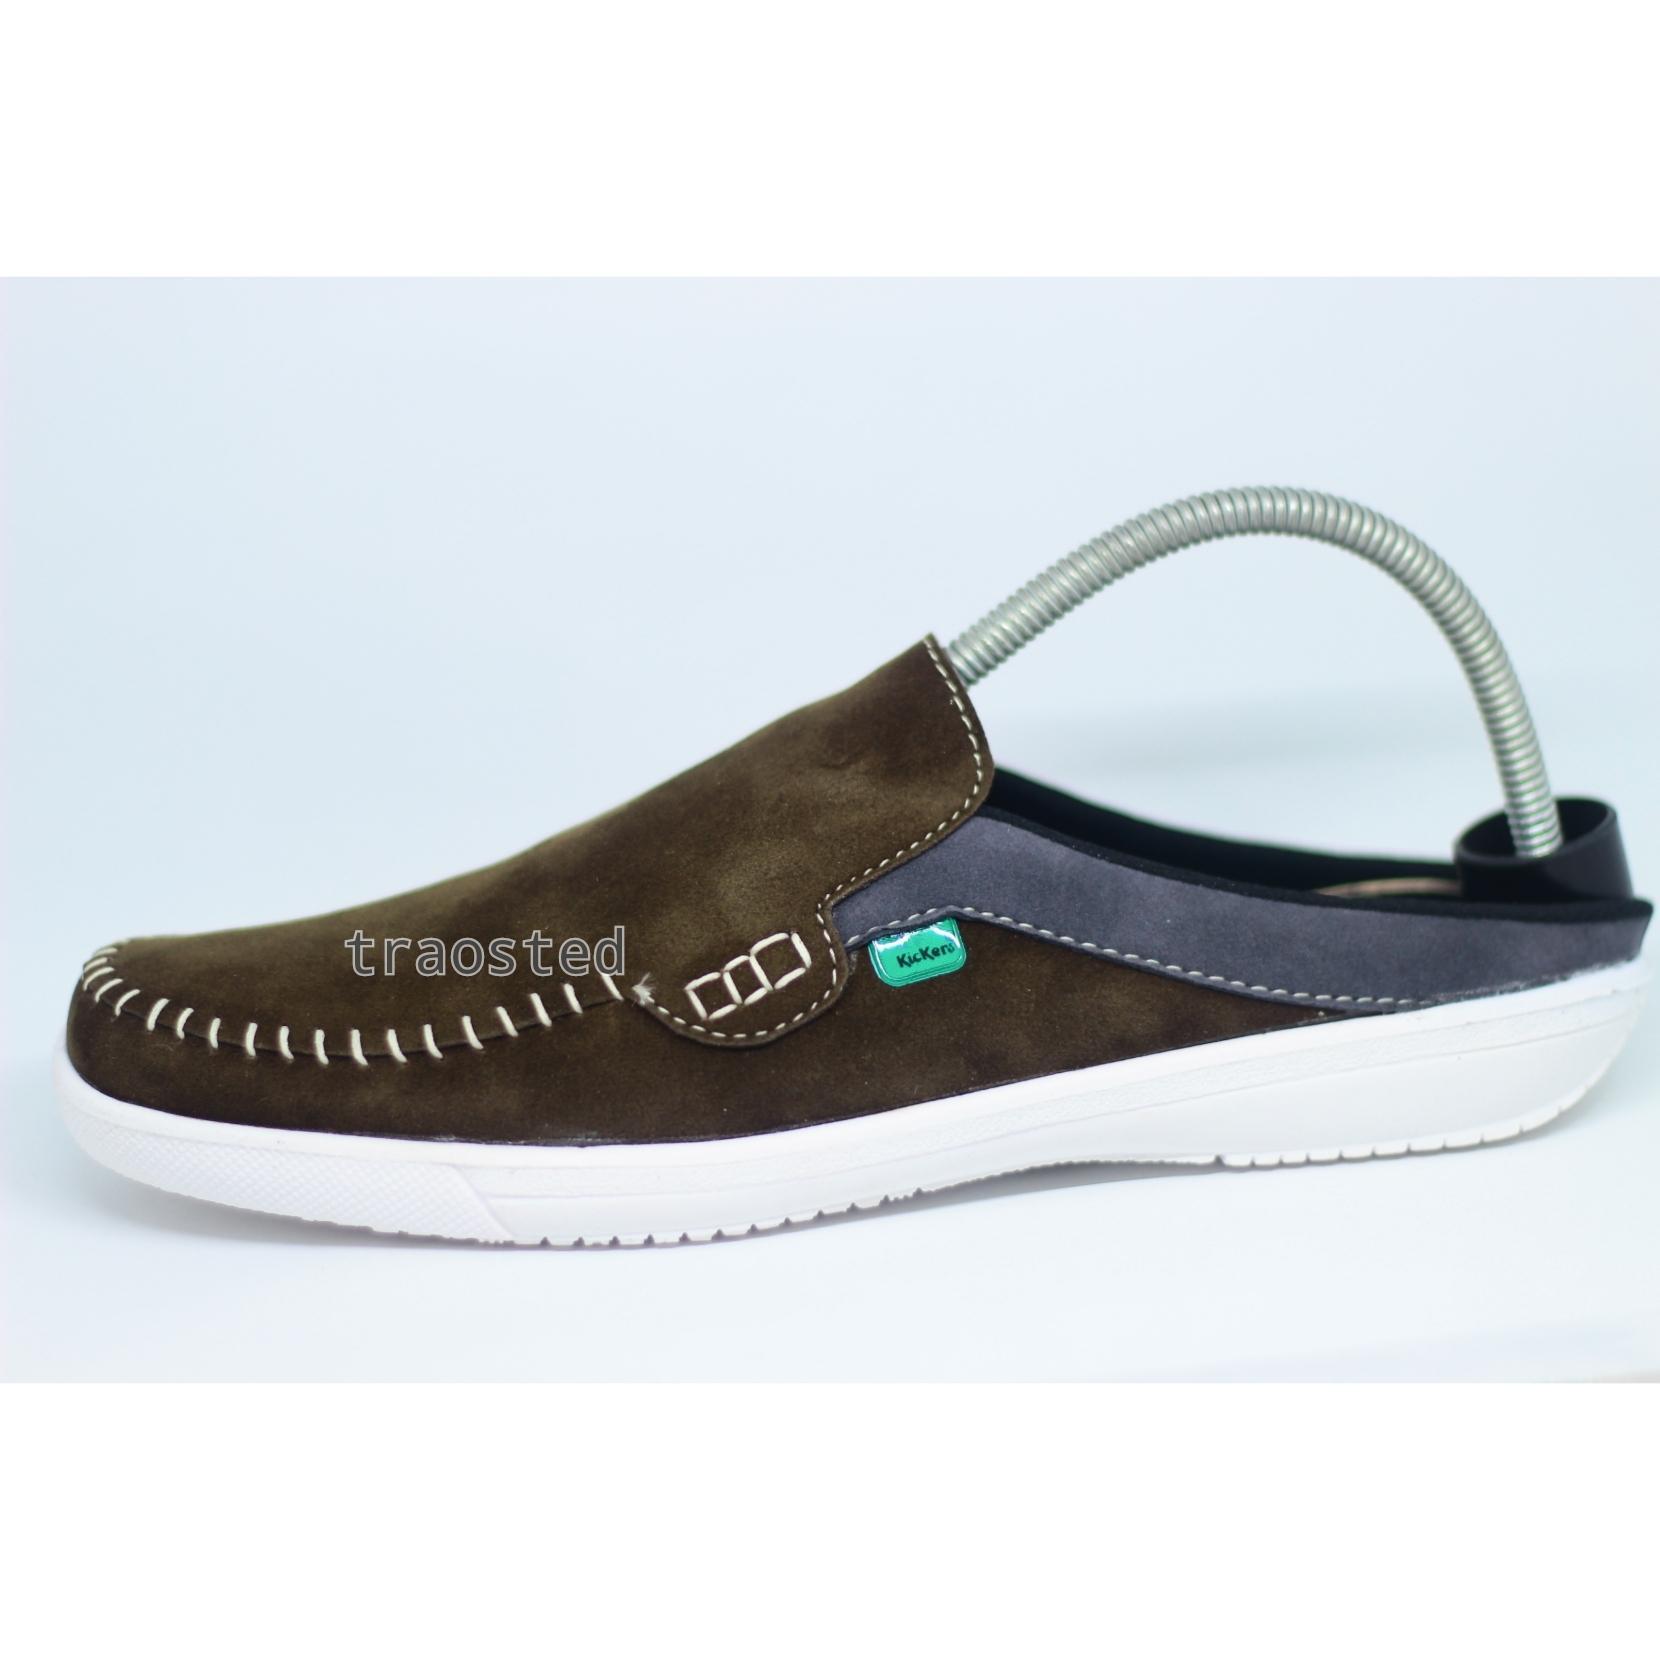 Sepatu Casual Pria Kickers Potongan Harga - Produk Terlaris 86ef4a8fdf